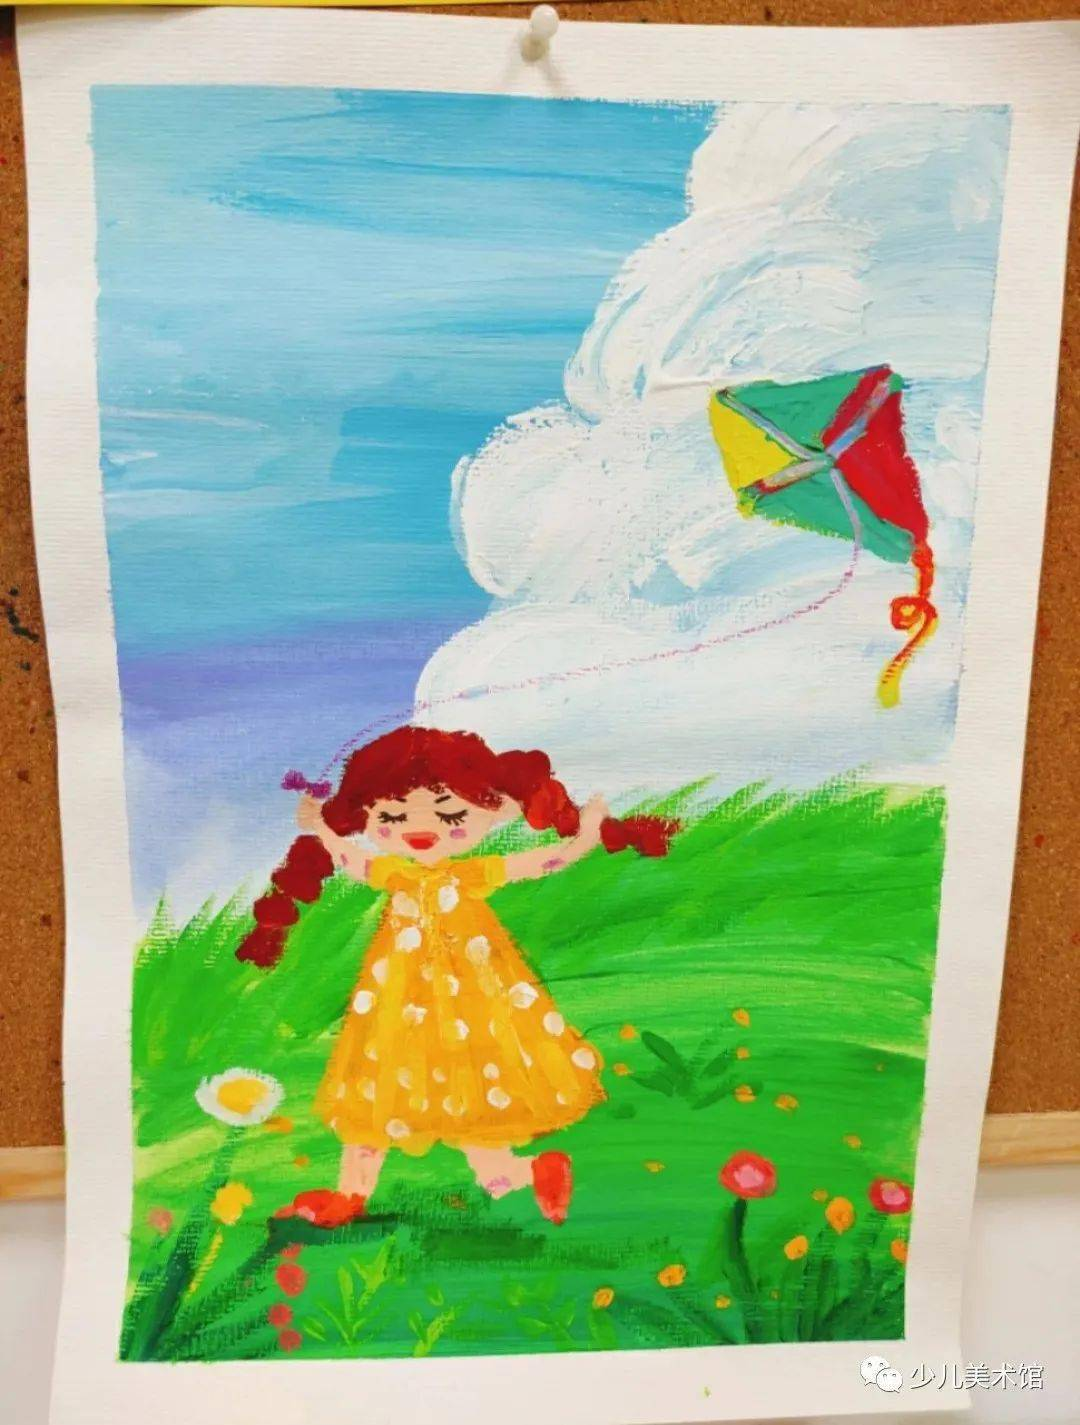 放飞梦想主题绘画 放飞梦想的句子